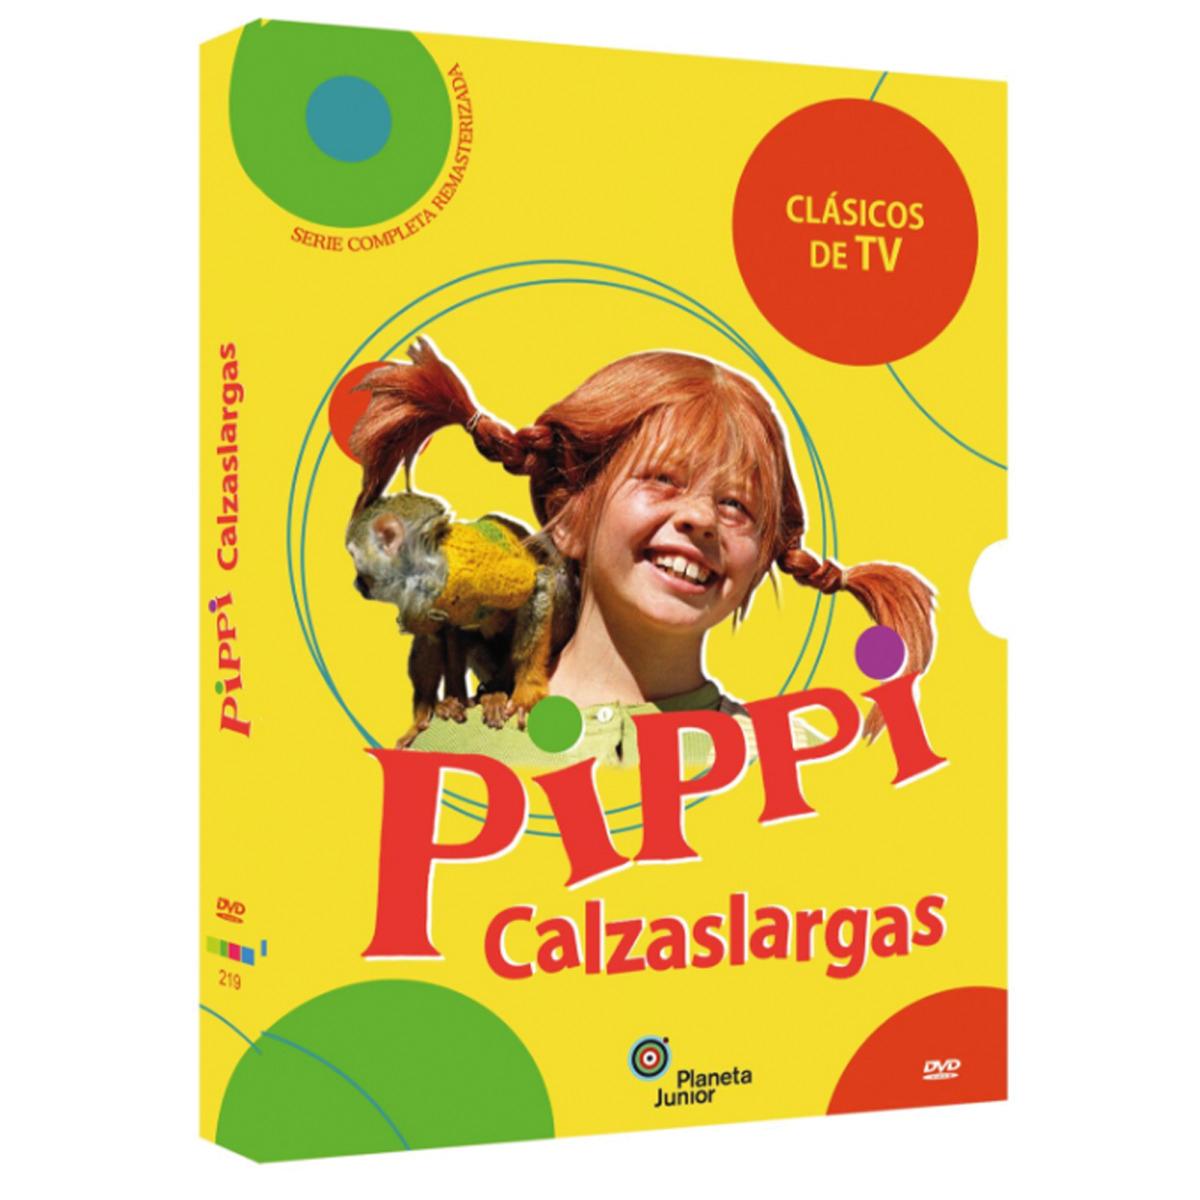 Pack Pippi Calzaslargas. La serie completa (DVD)